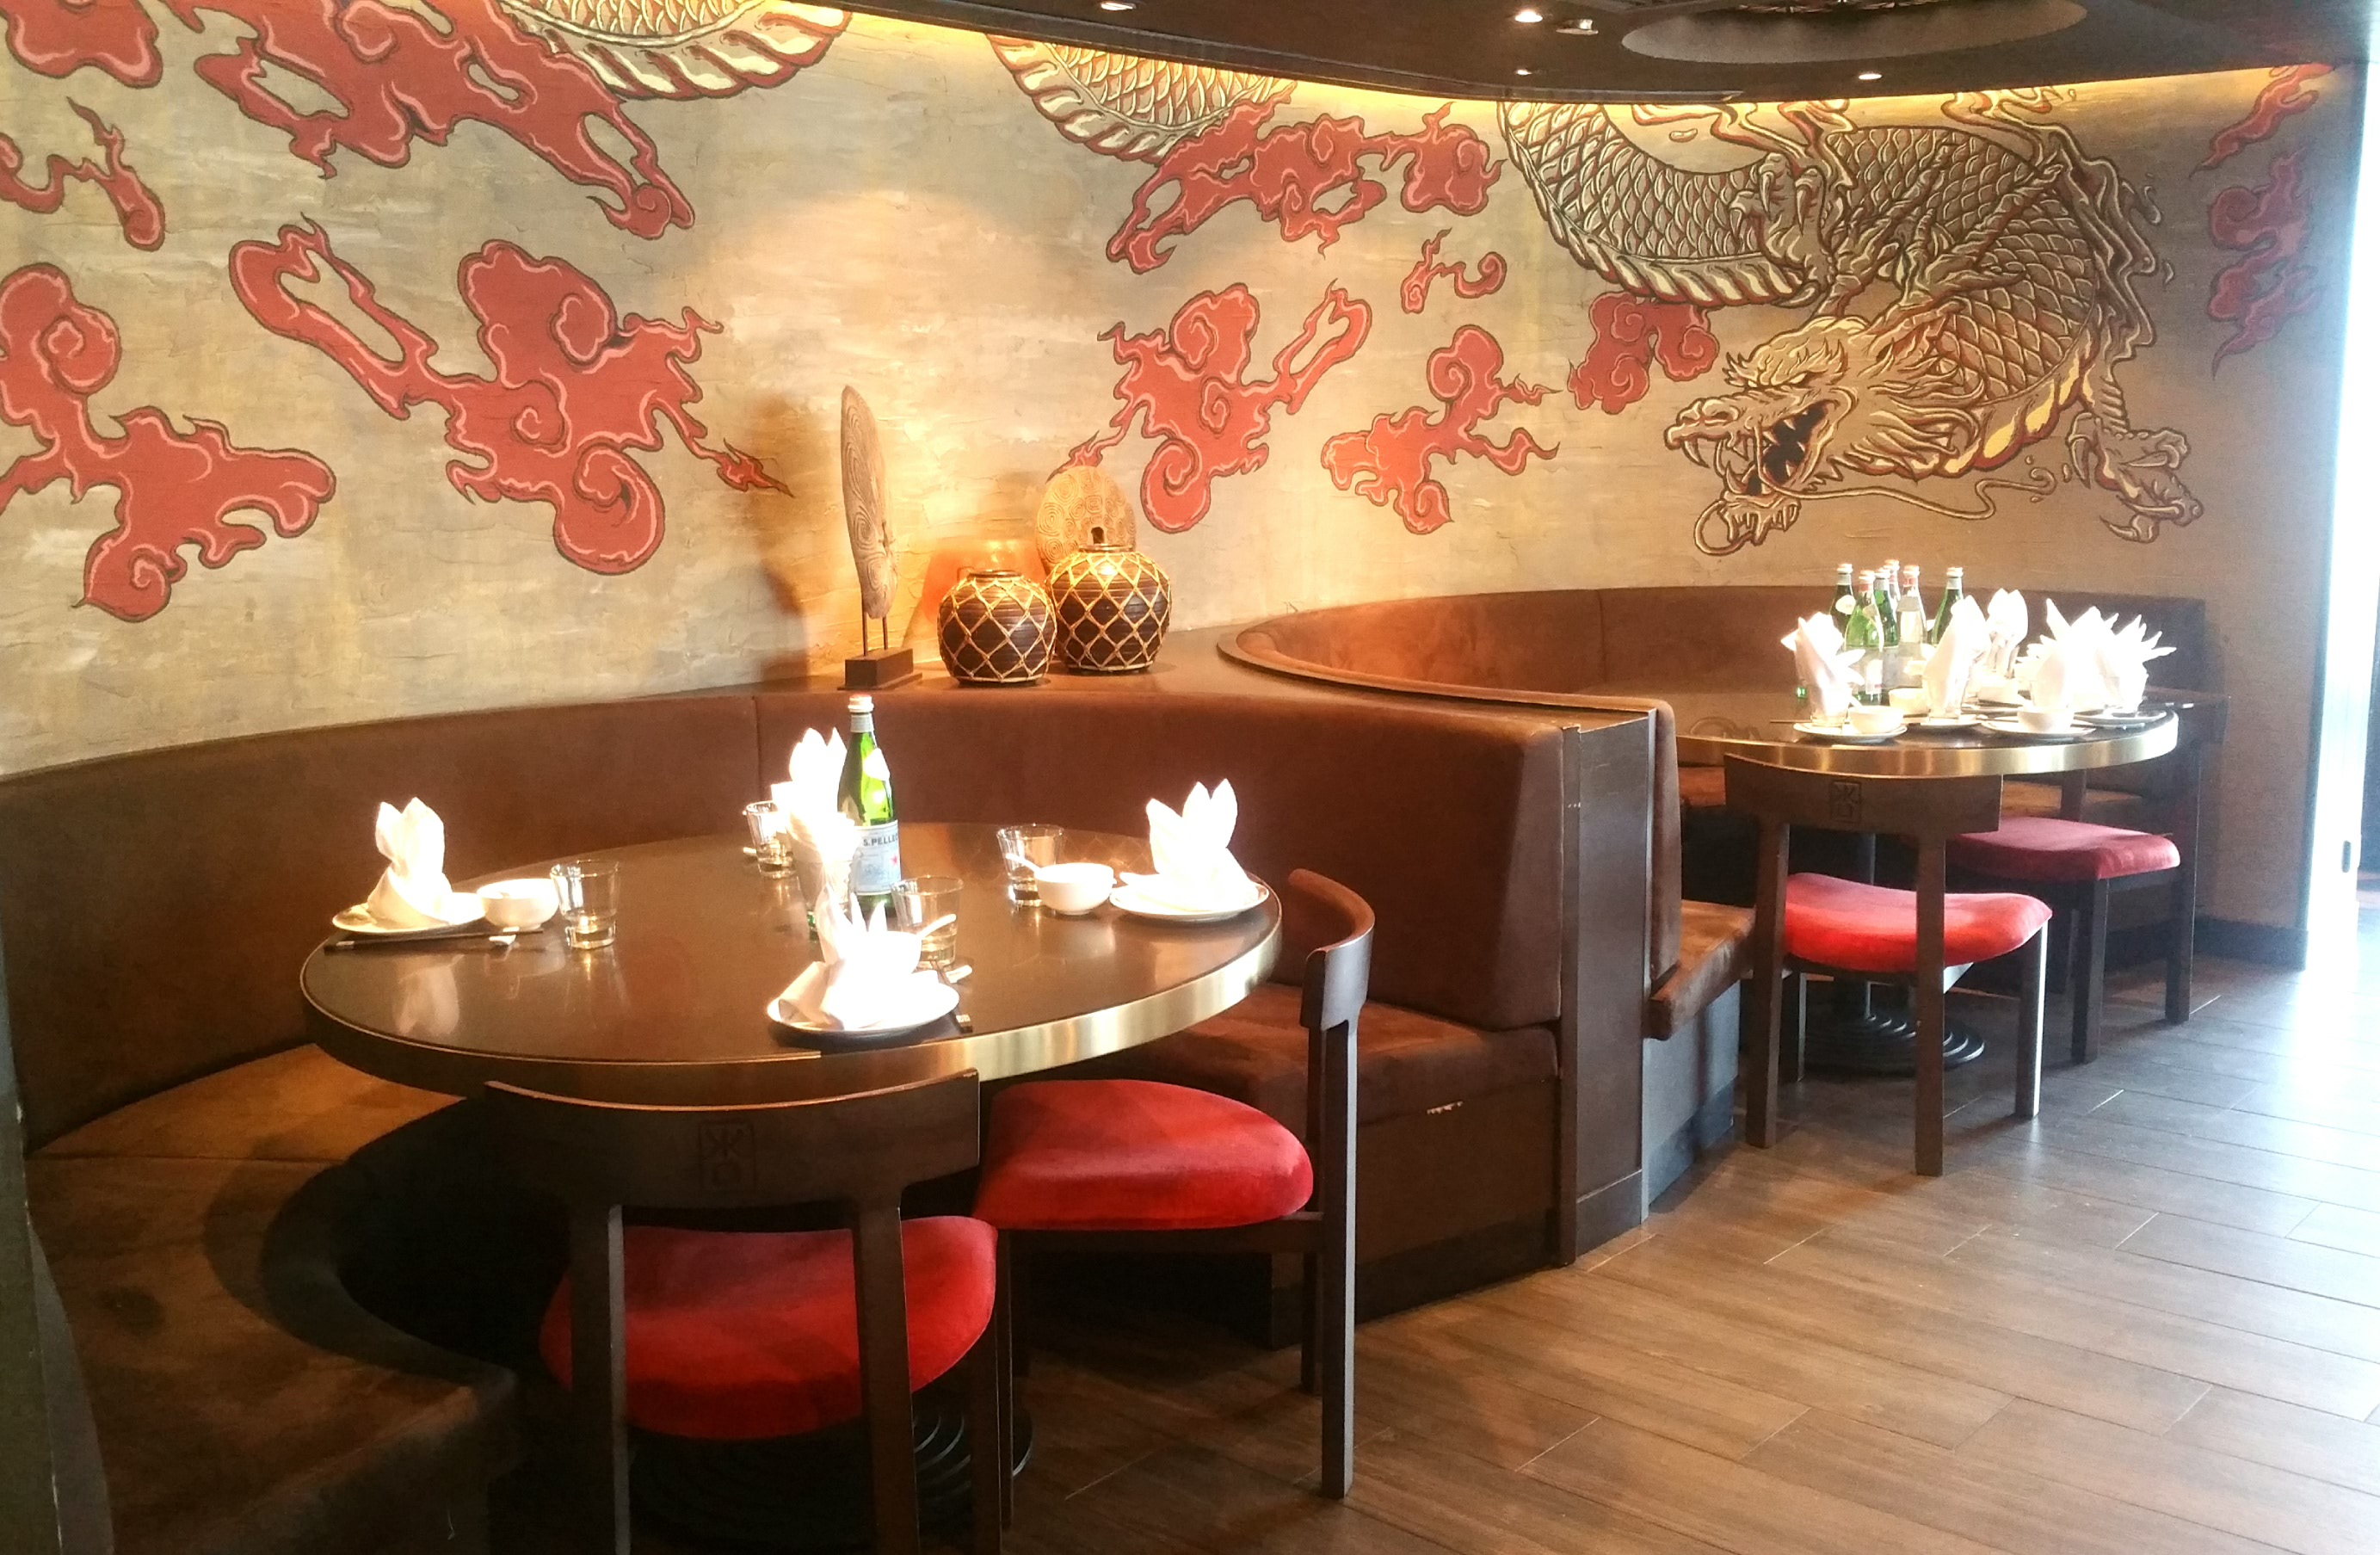 四川料理レストランのインテリア